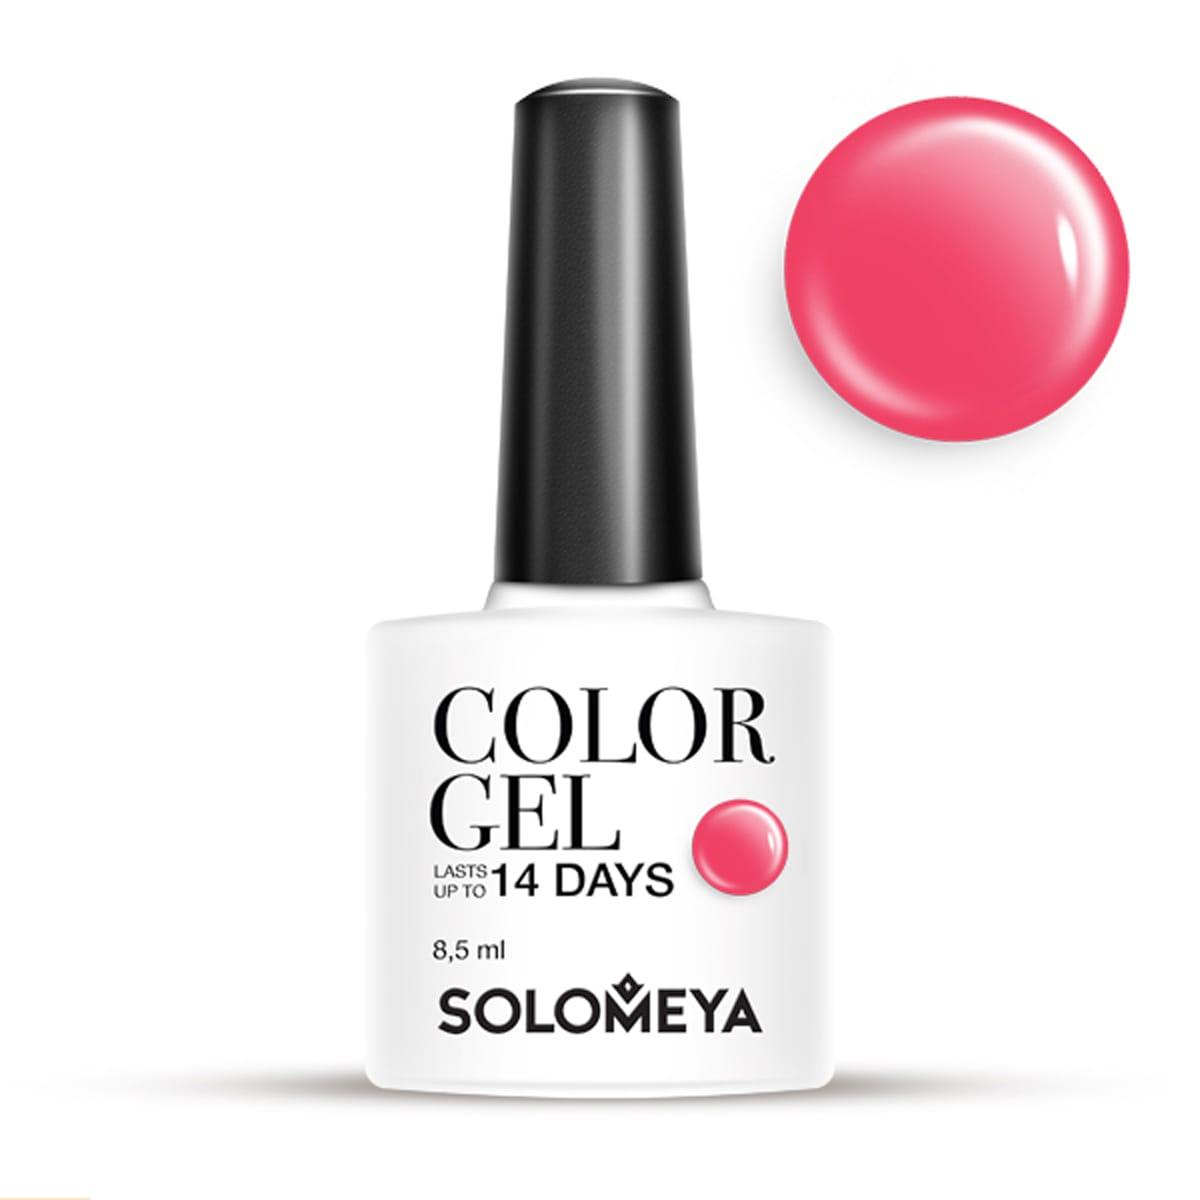 Solomeya гель-лак для ногтей scg062 мерло